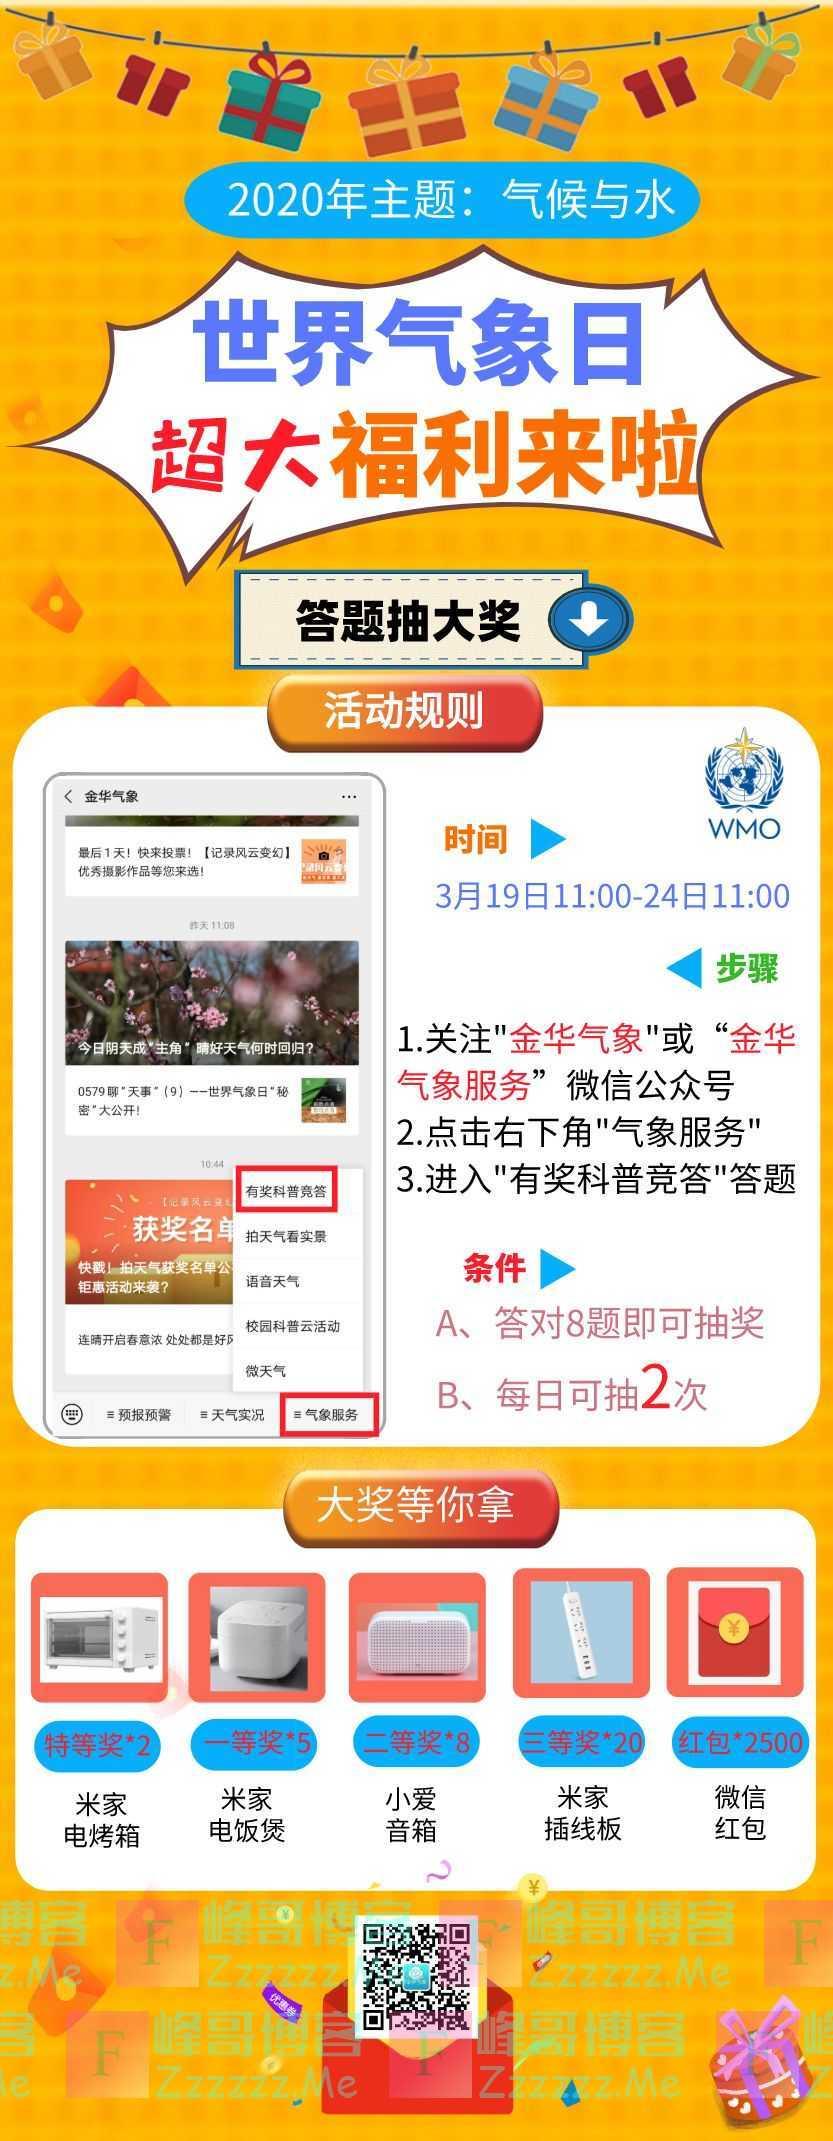 金华气象 气象科普知识竞答(截止3月24日)